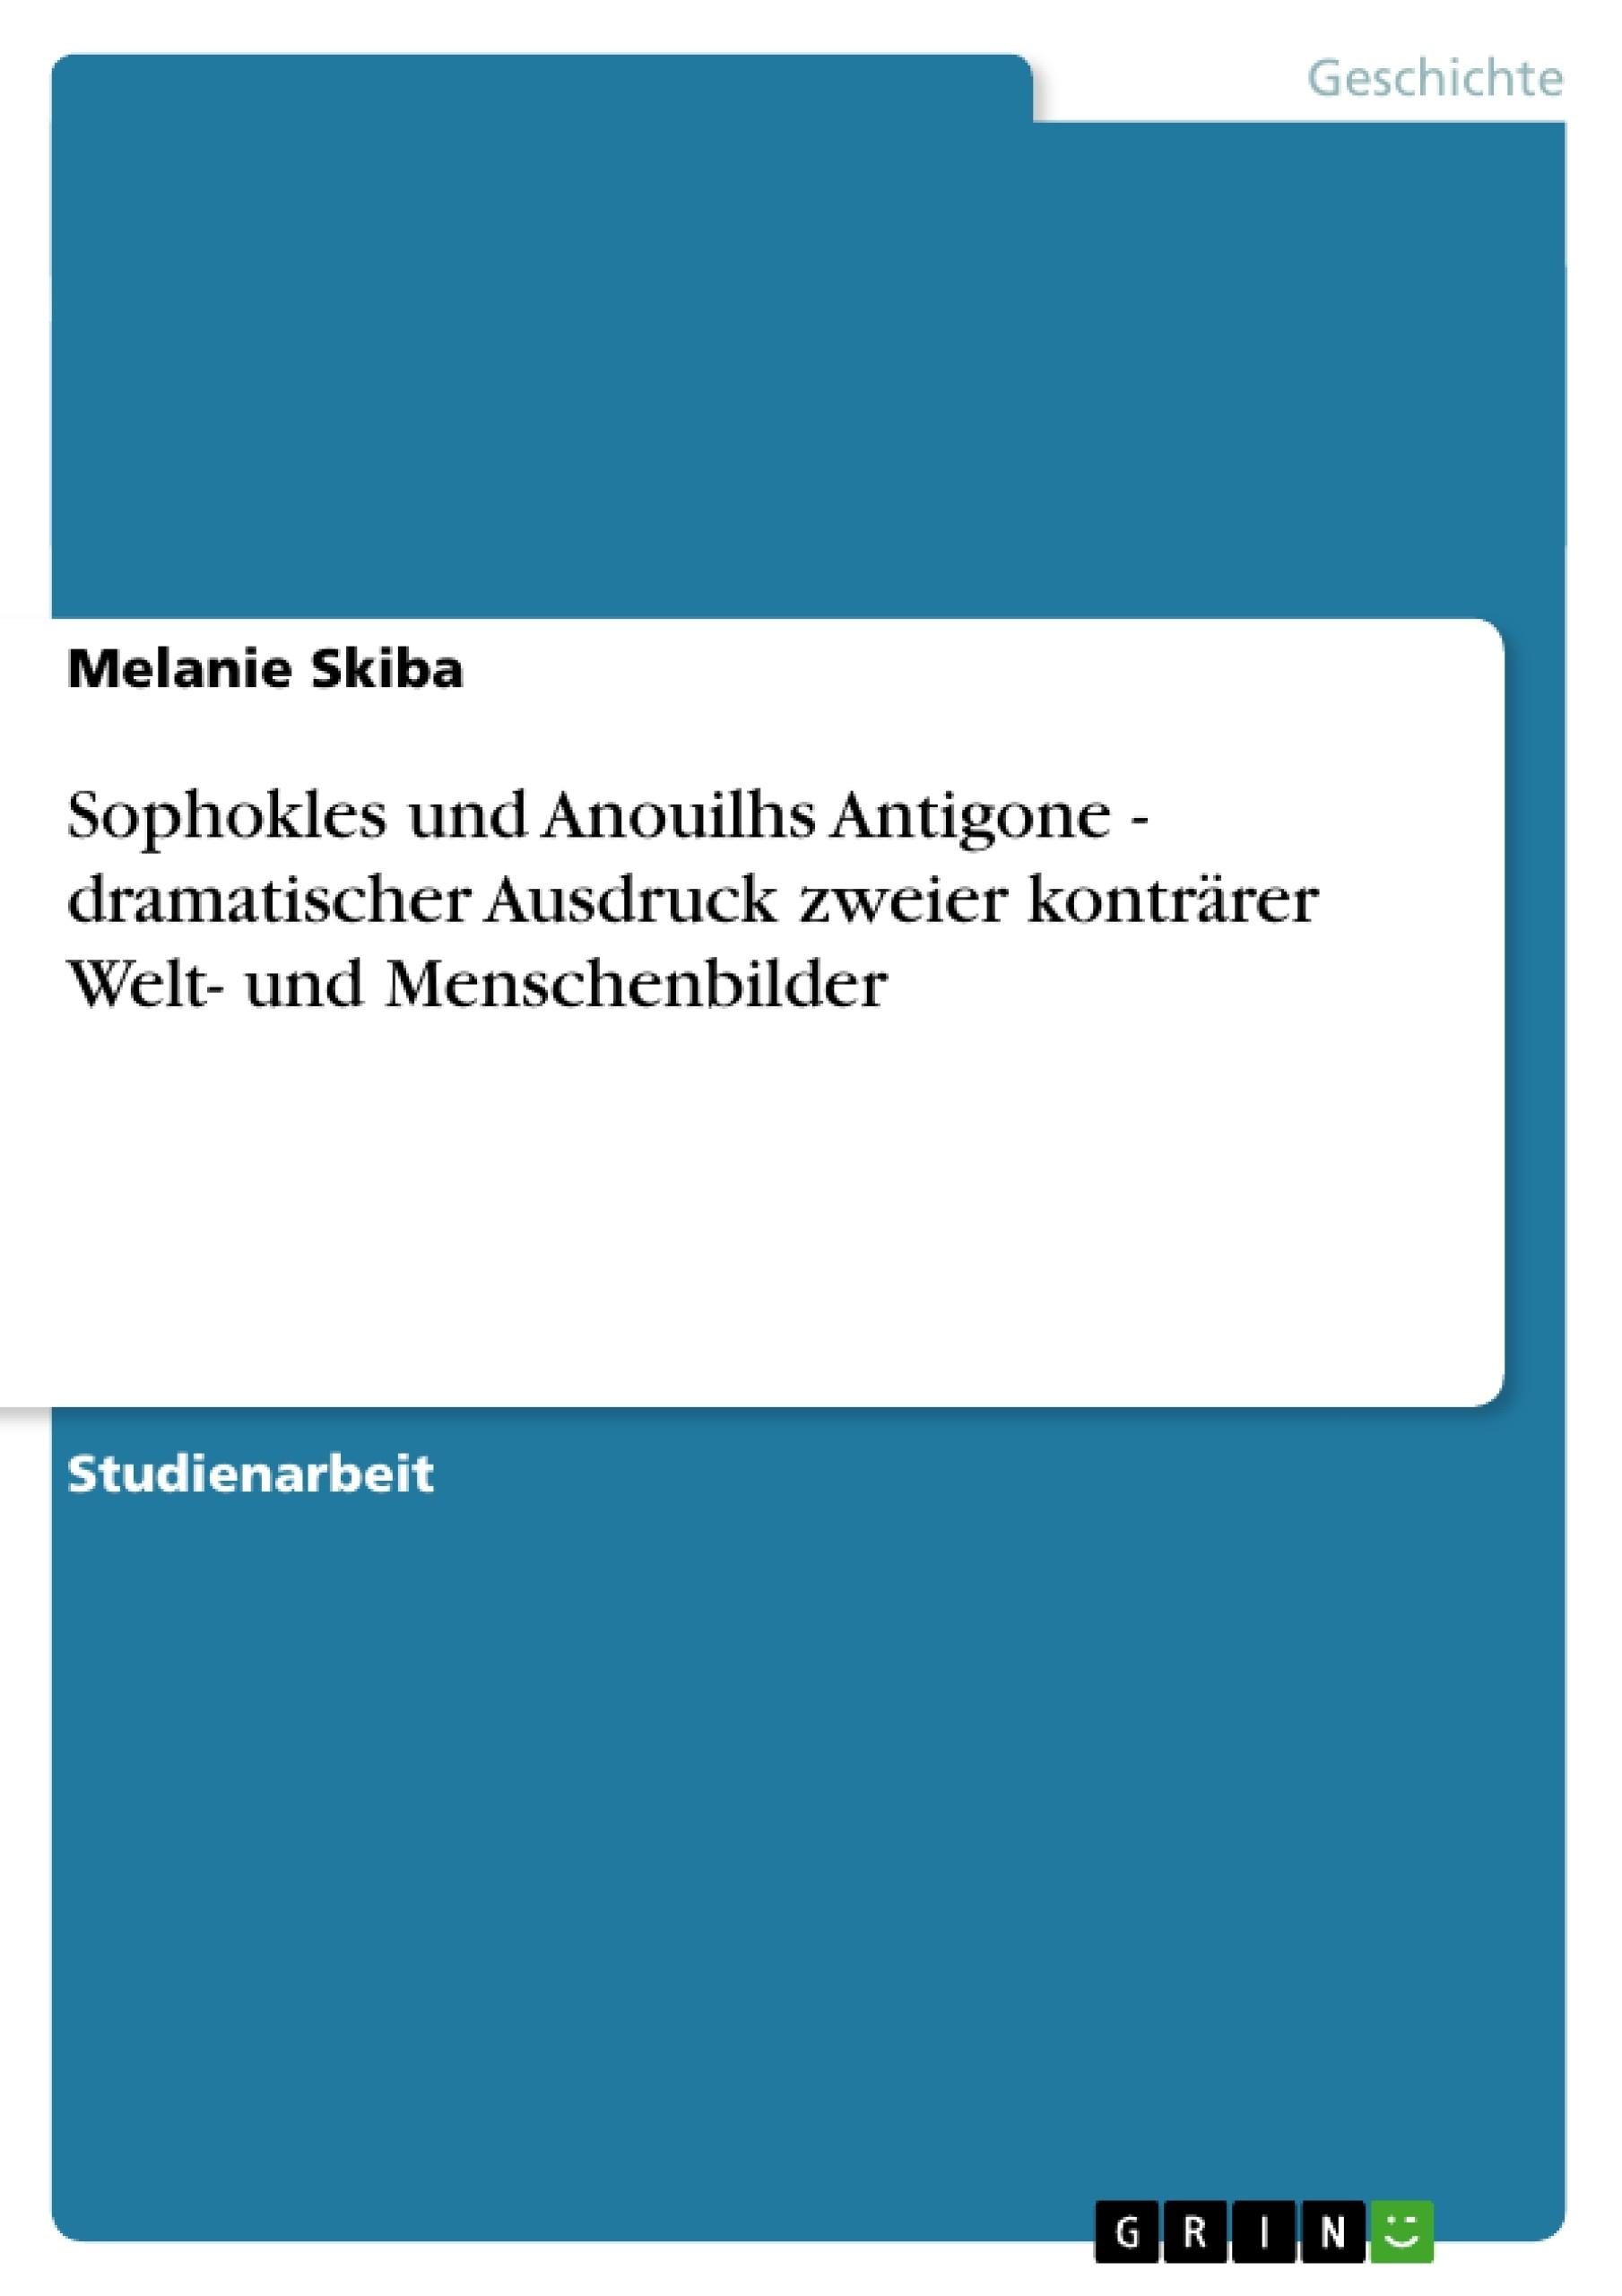 Titel: Sophokles und Anouilhs Antigone - dramatischer Ausdruck zweier konträrer Welt- und Menschenbilder